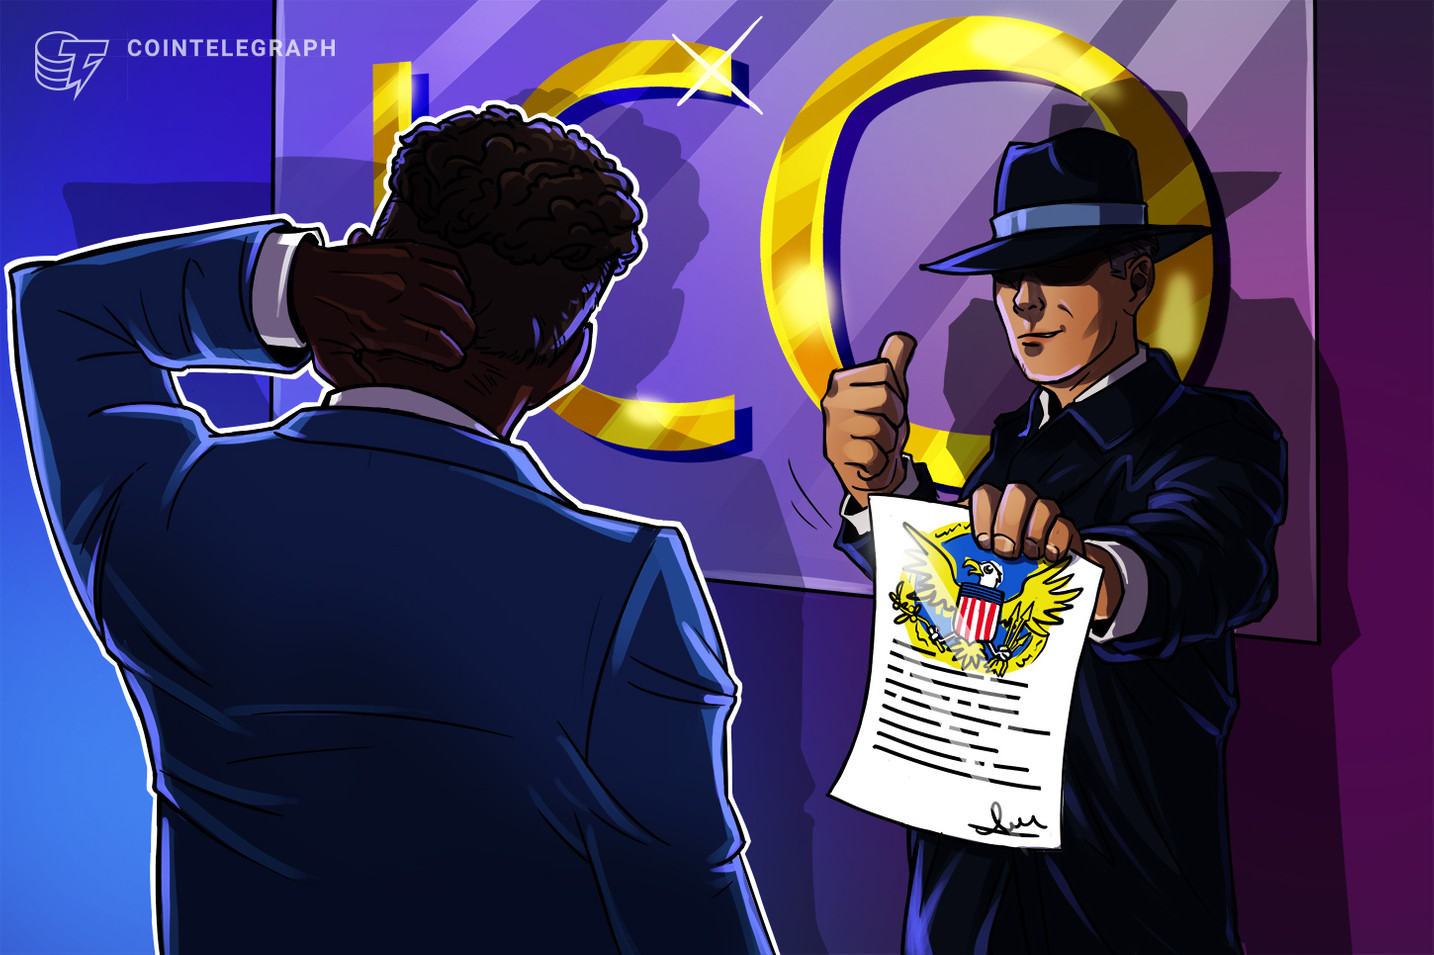 Coinschedule debe pagar una multa de $200,000 impuesta por la SEC por no declarar que algunas de sus reseñas de varias ICO eran patrocinadas